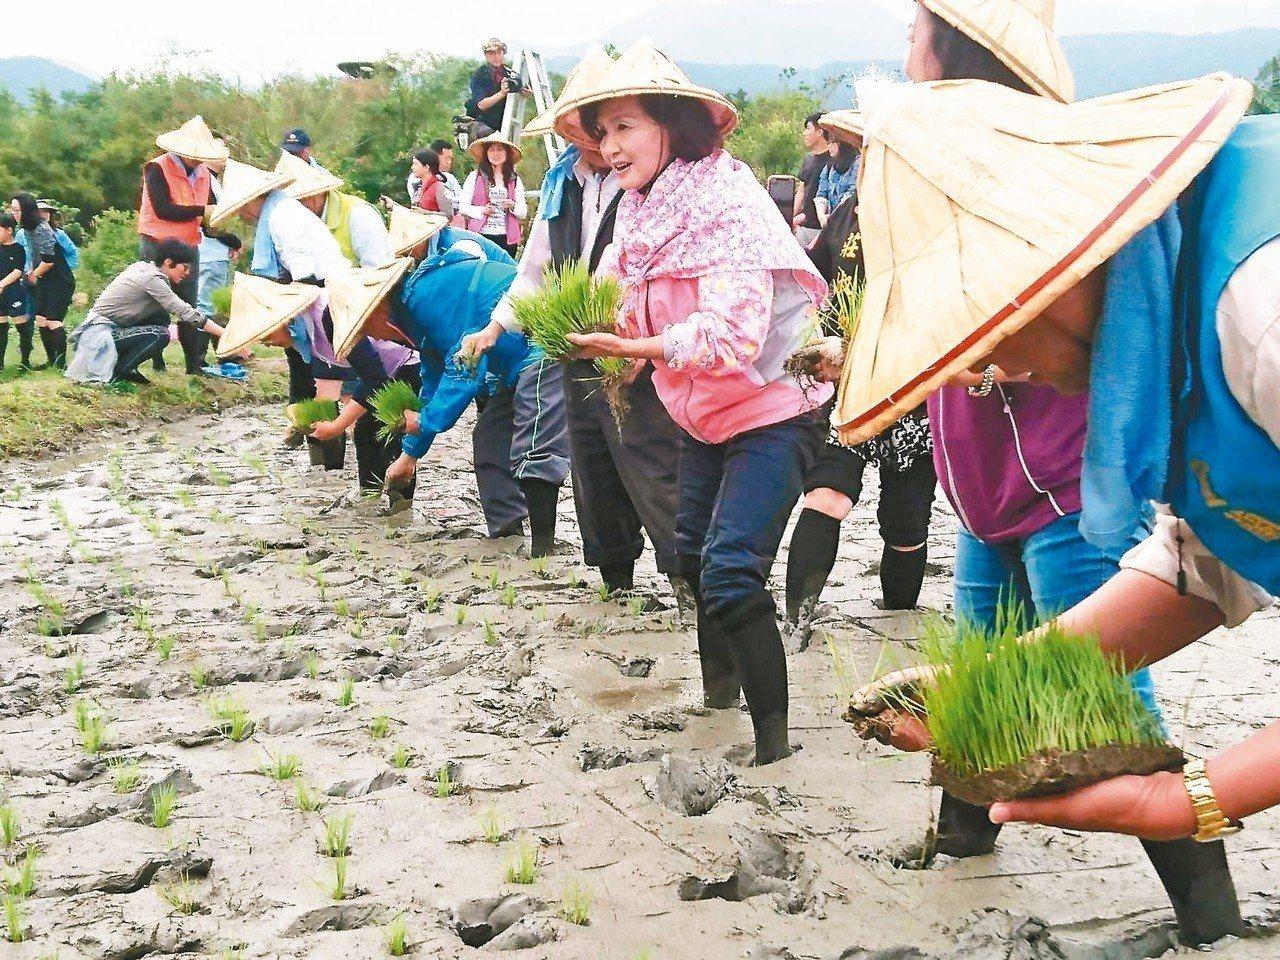 宜蘭綠色博覽會正在生態綠舟舉辦,縣長林姿妙(中)示範如何插映,歡迎民眾搭乘大眾運...